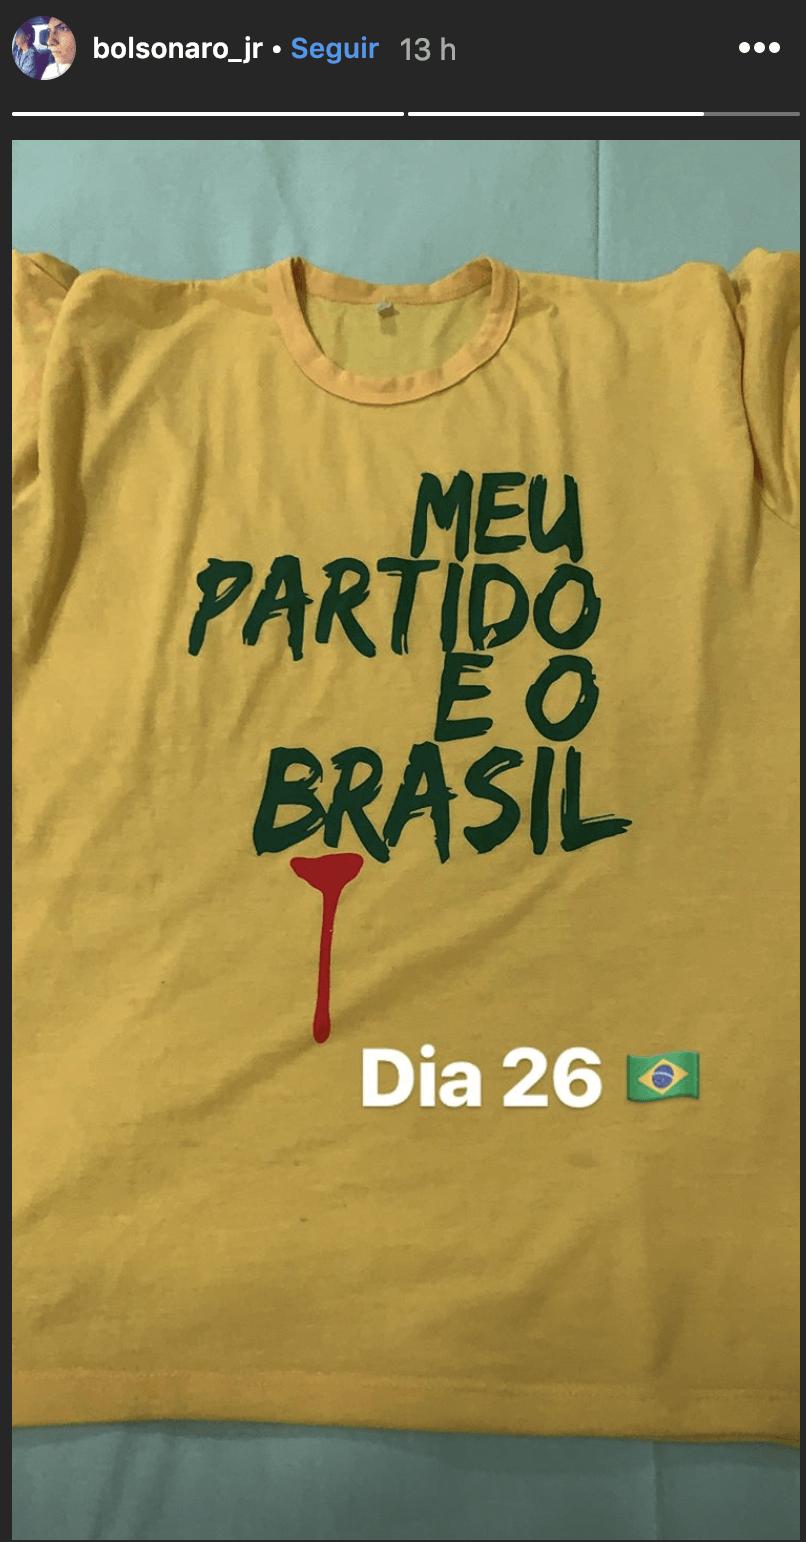 Ainda na 3ª, Jair Renan postou uma imagem de camiseta com a mensagem